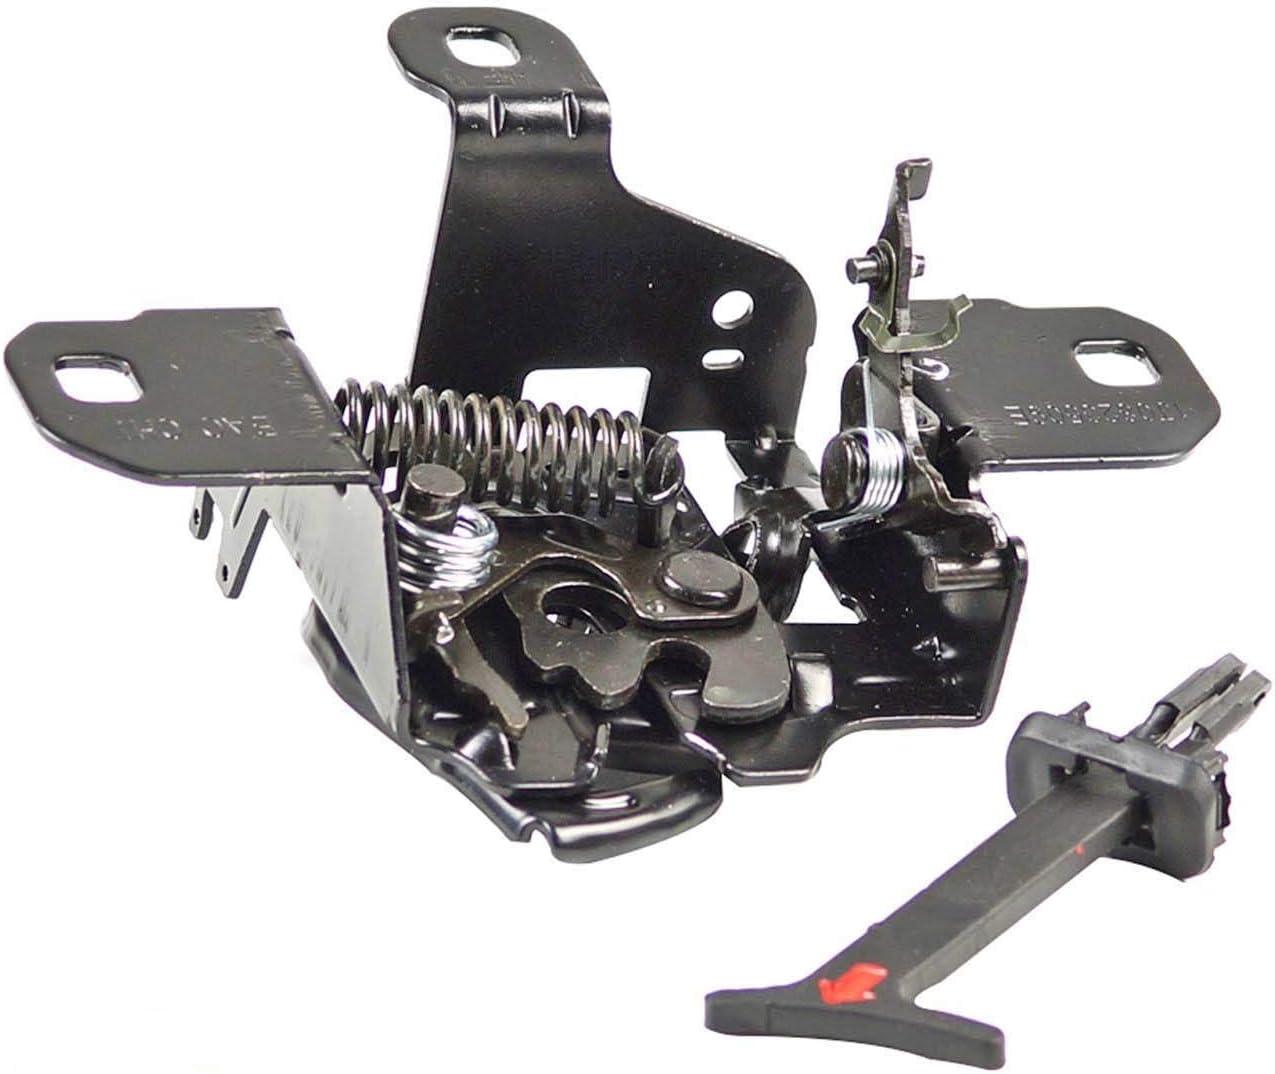 Autopa 1j0823509c Motorhaubenschloß Motorhaubenverriegelung Mit Griff Für Golf Iv Bora Variant Auto